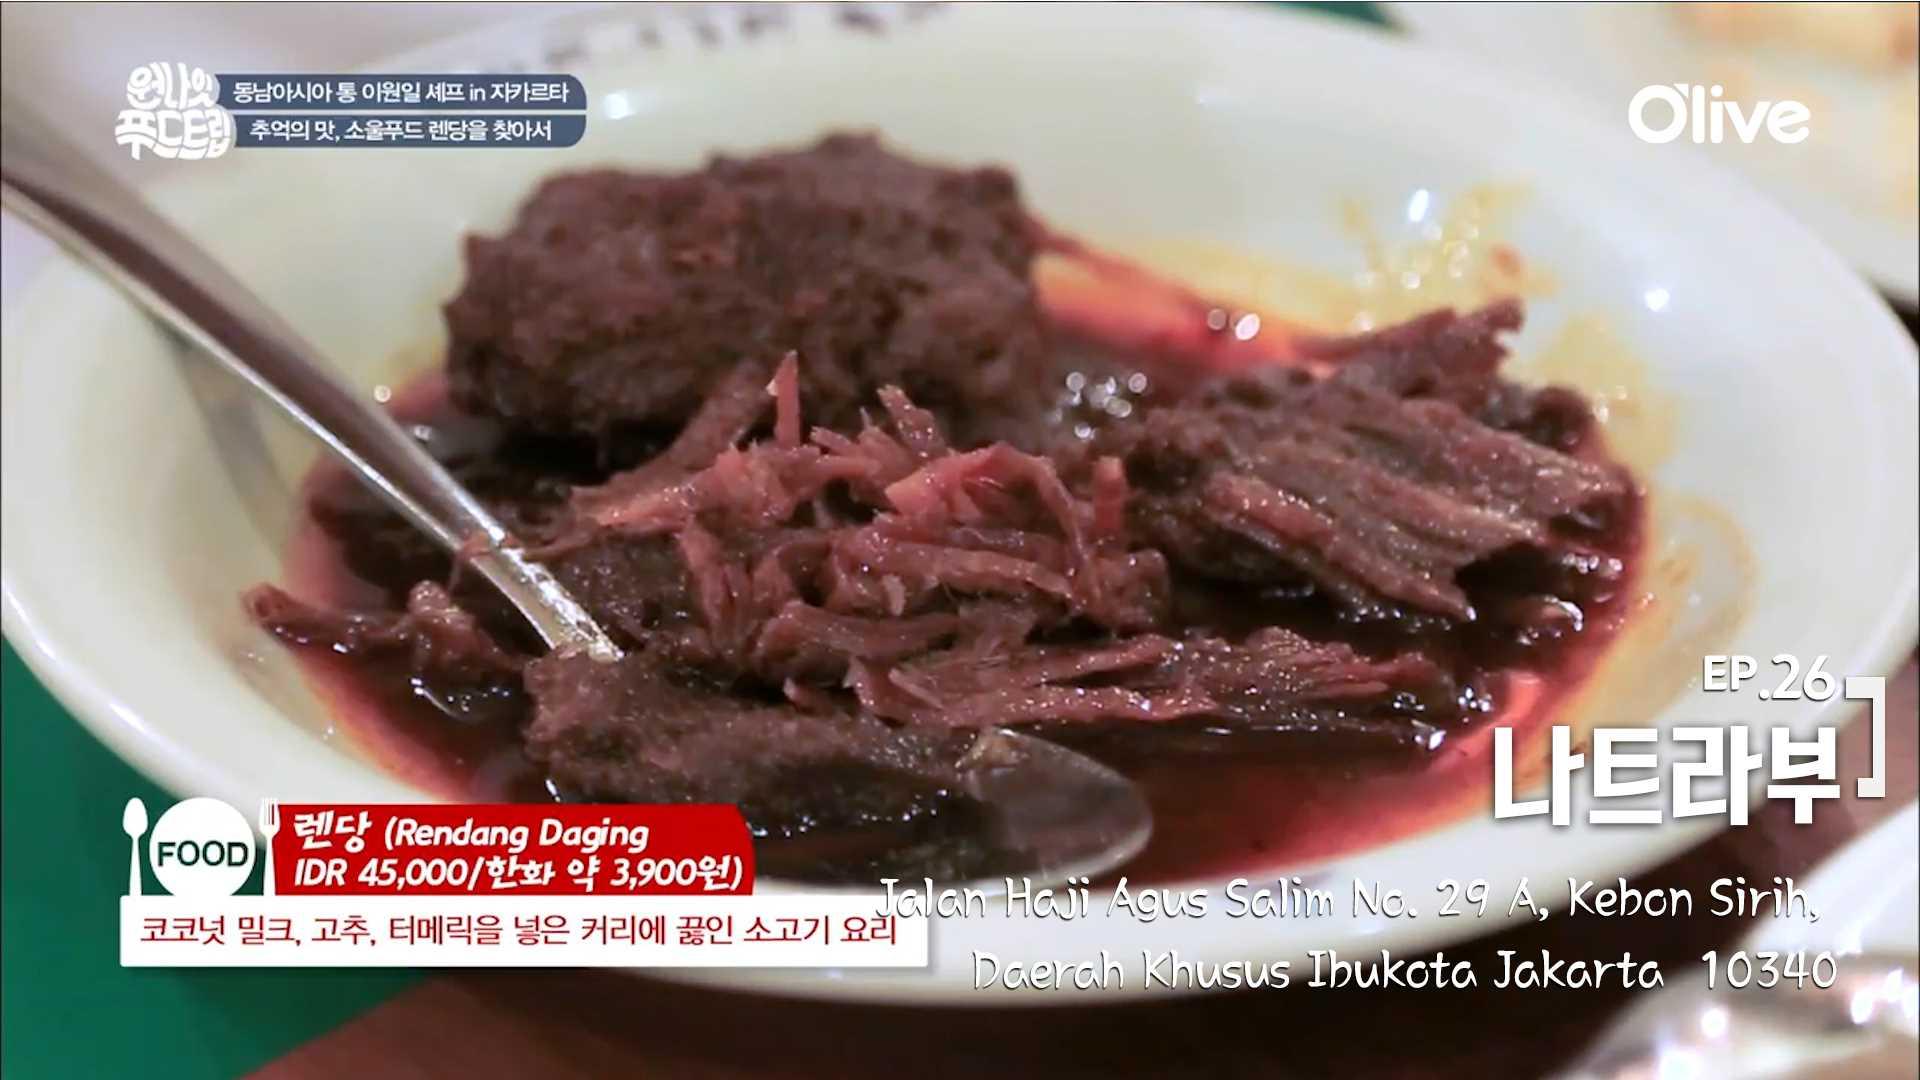 '인도네시아의 맛'을 대표하는 파당요리 전문점 < 나트라부 >